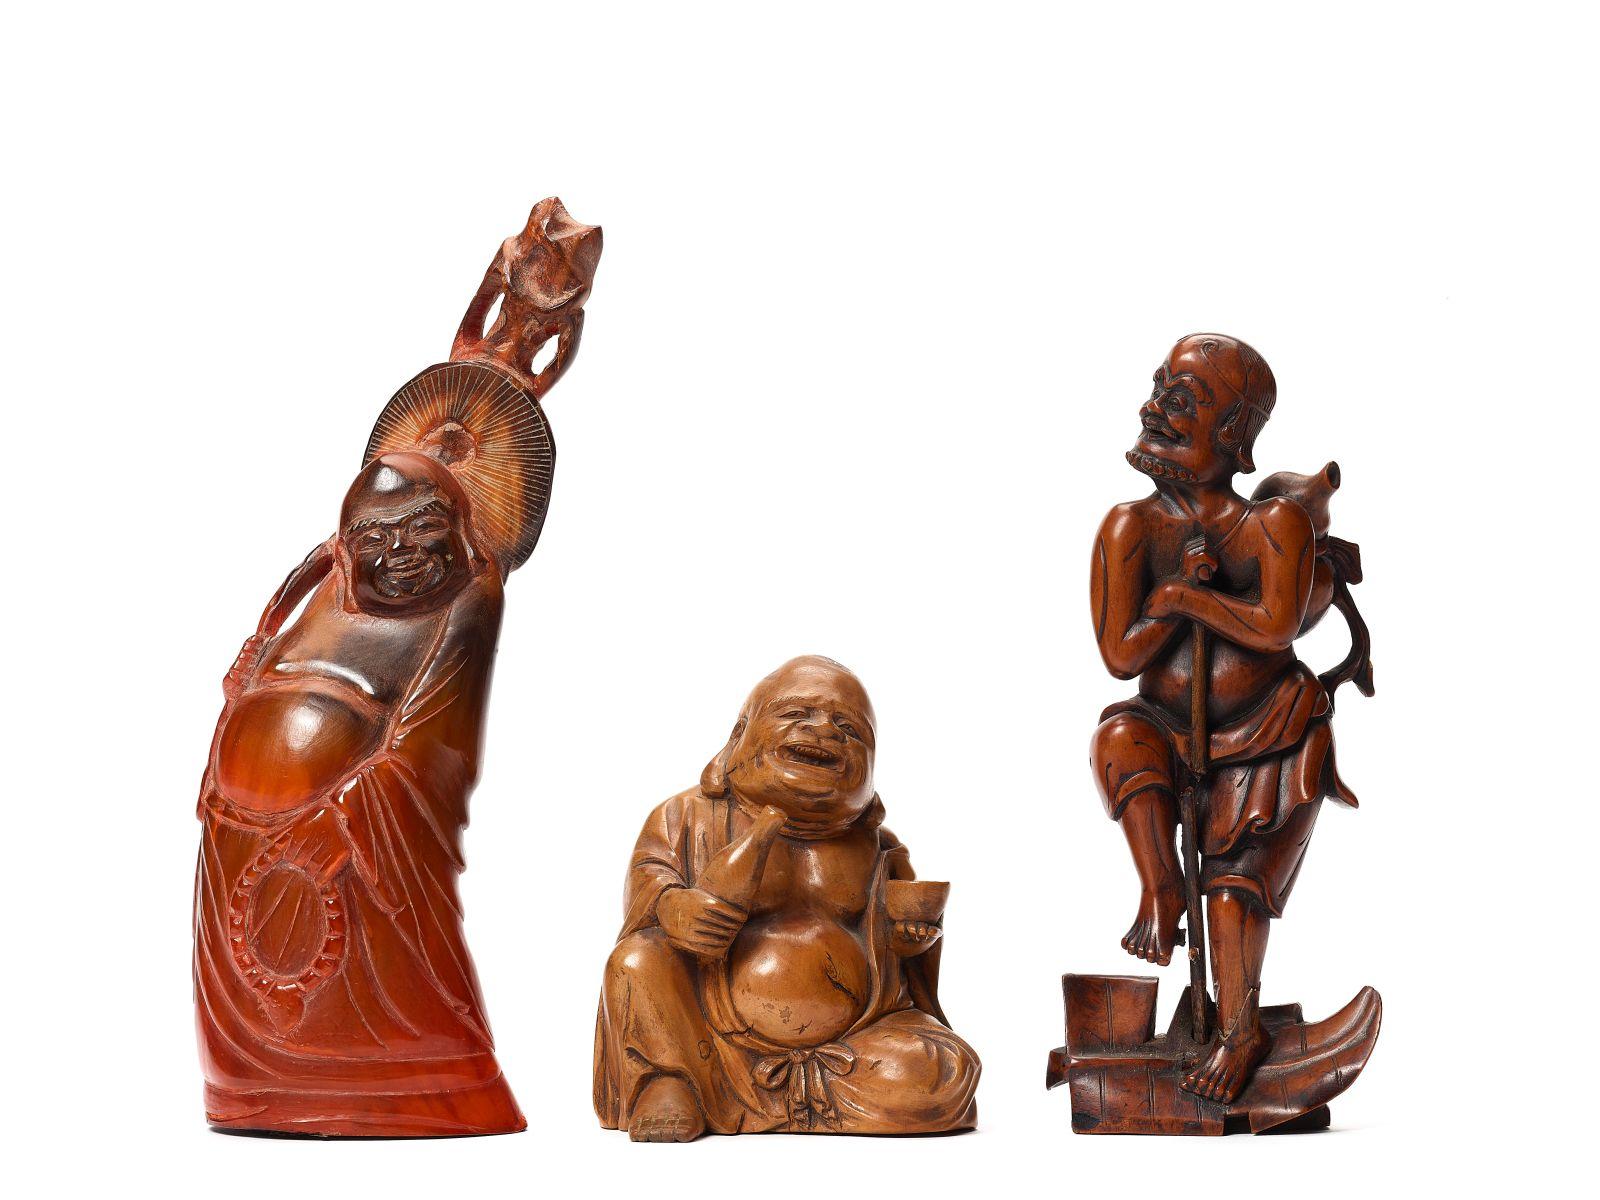 #80 A Mixed Lot of Chinese and Japanese Carvings | Ein gemischtes Lot chinesischer und japanischer Schnitzereien Image